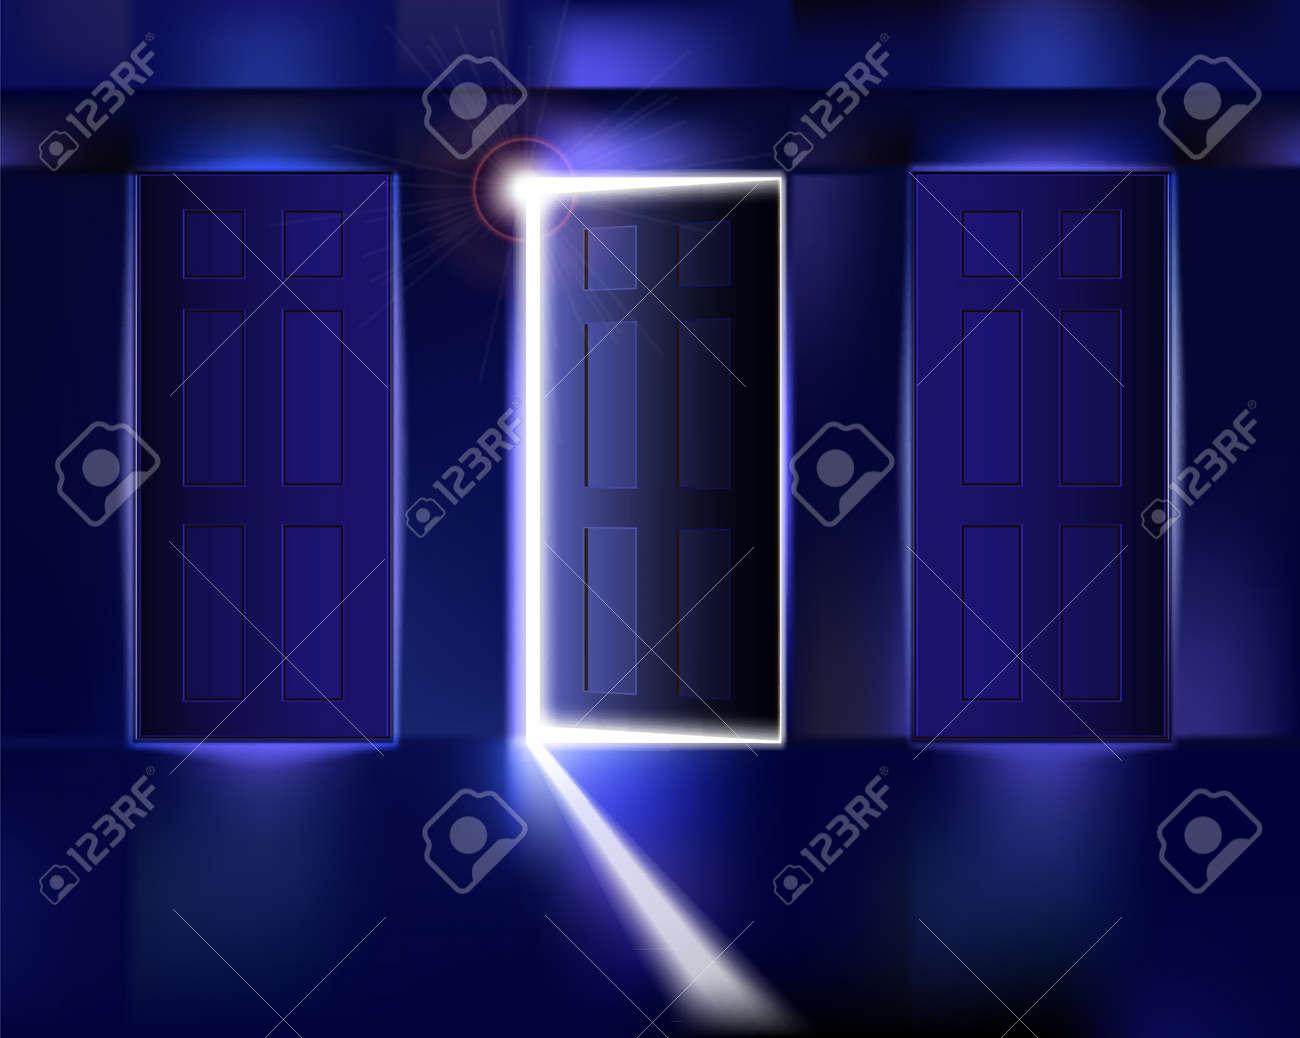 Corridor with open door. Vector illustration. Stock Vector - 11570618